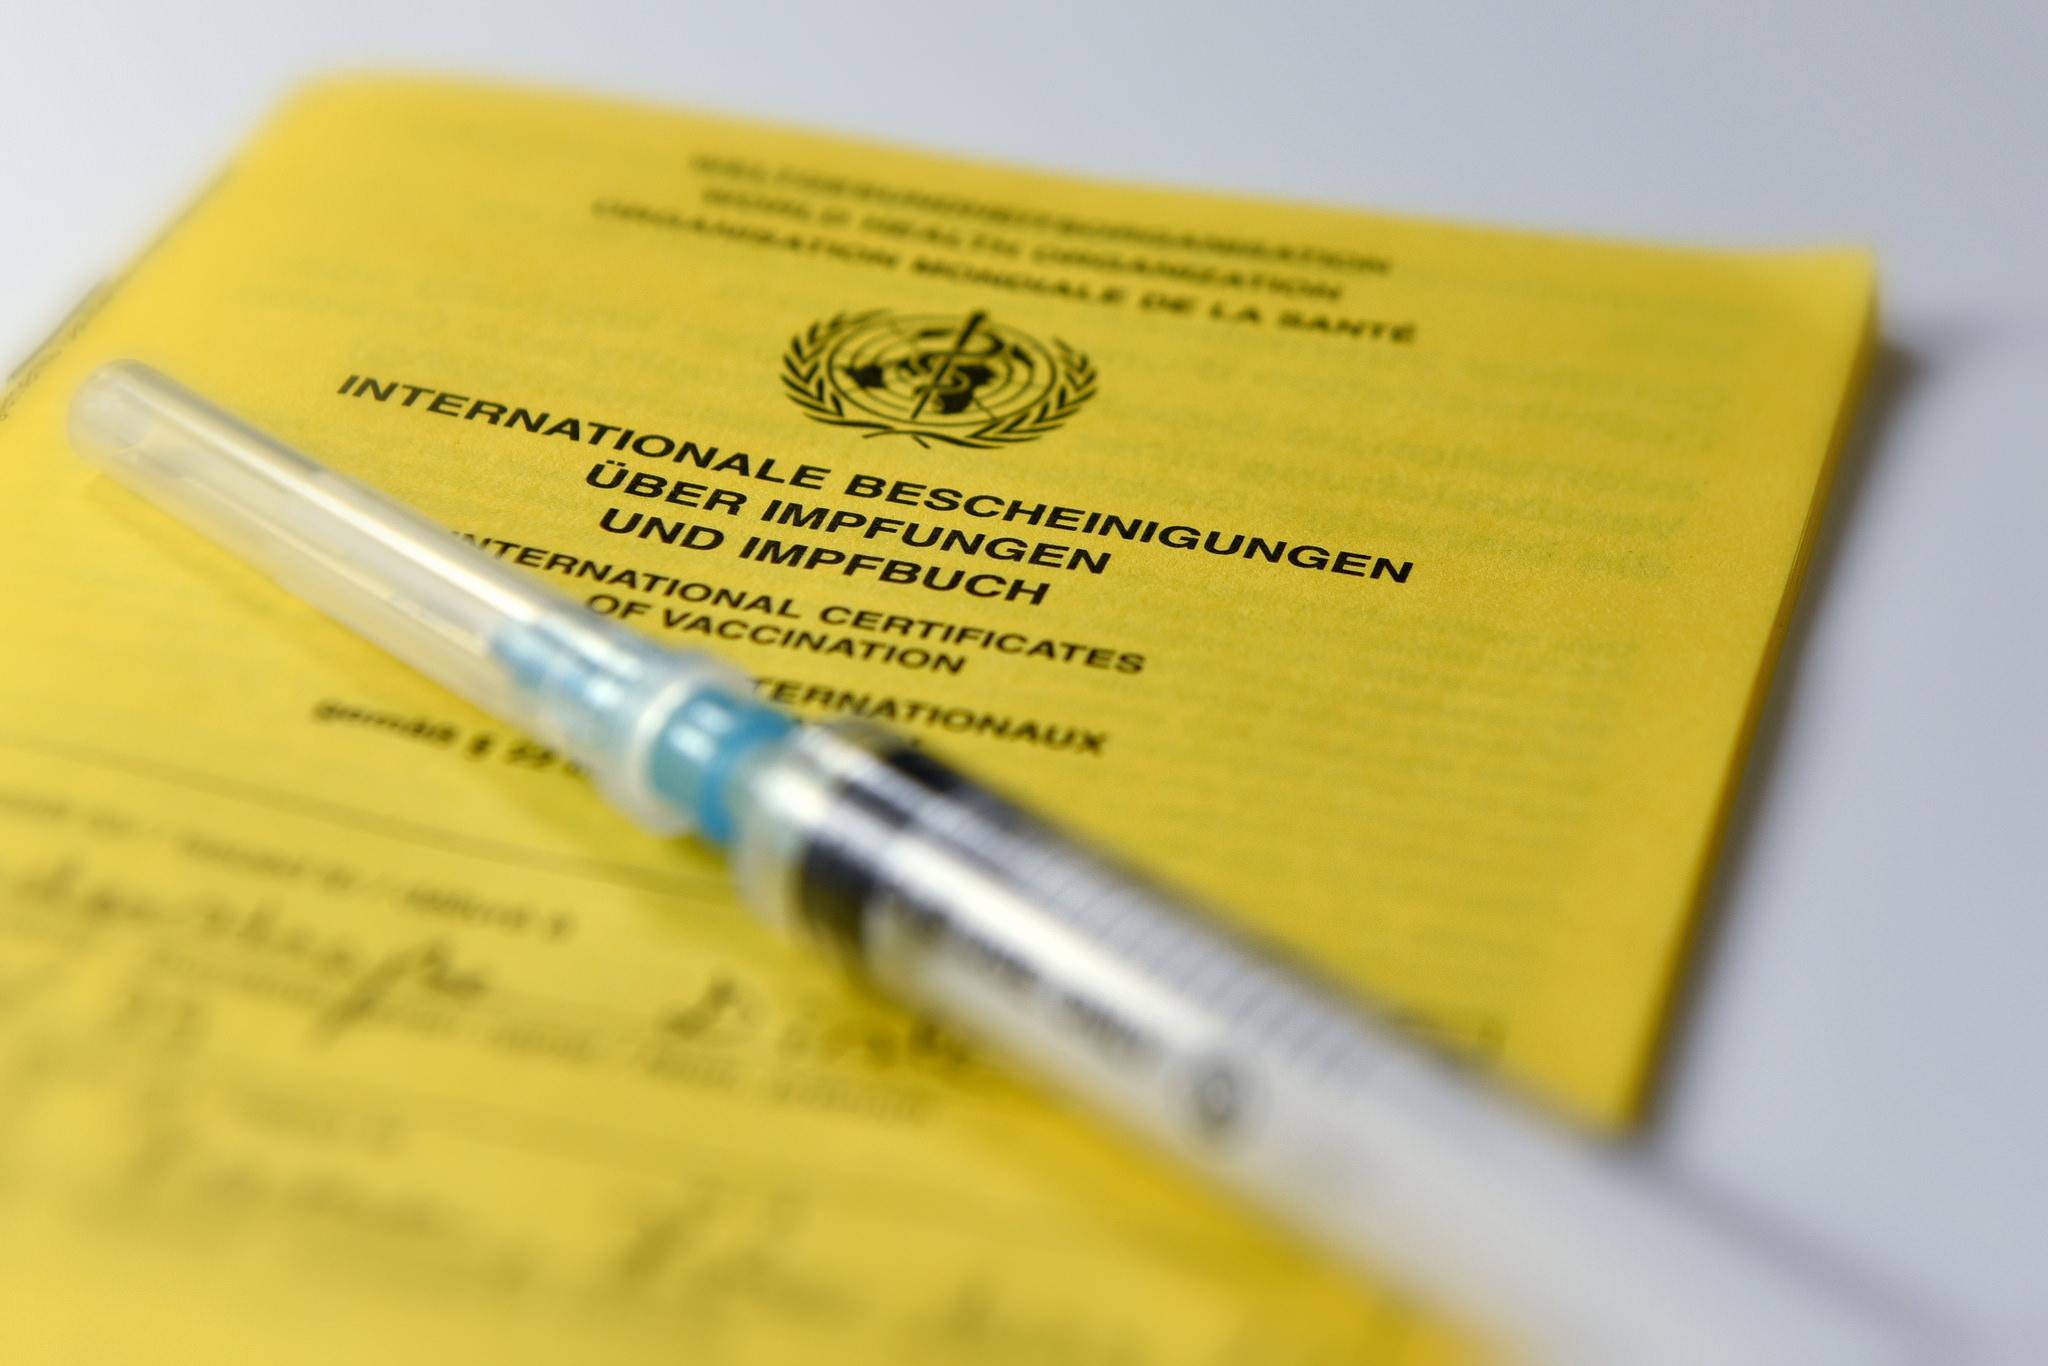 impfung gegen blasenentz ndung blasenentz ndung heilen